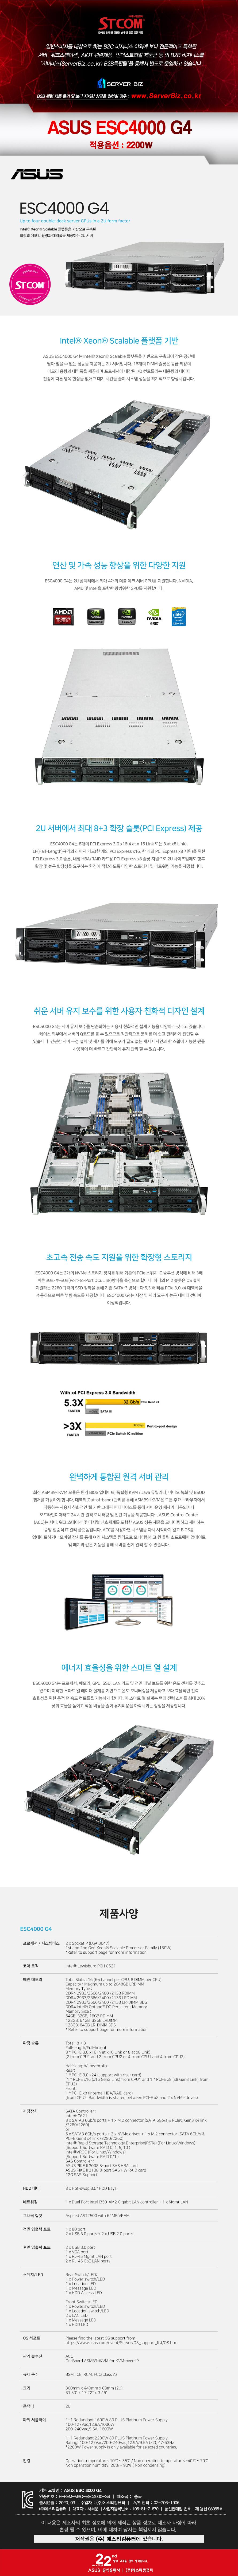 ASUS ESC4000 G4 2200W